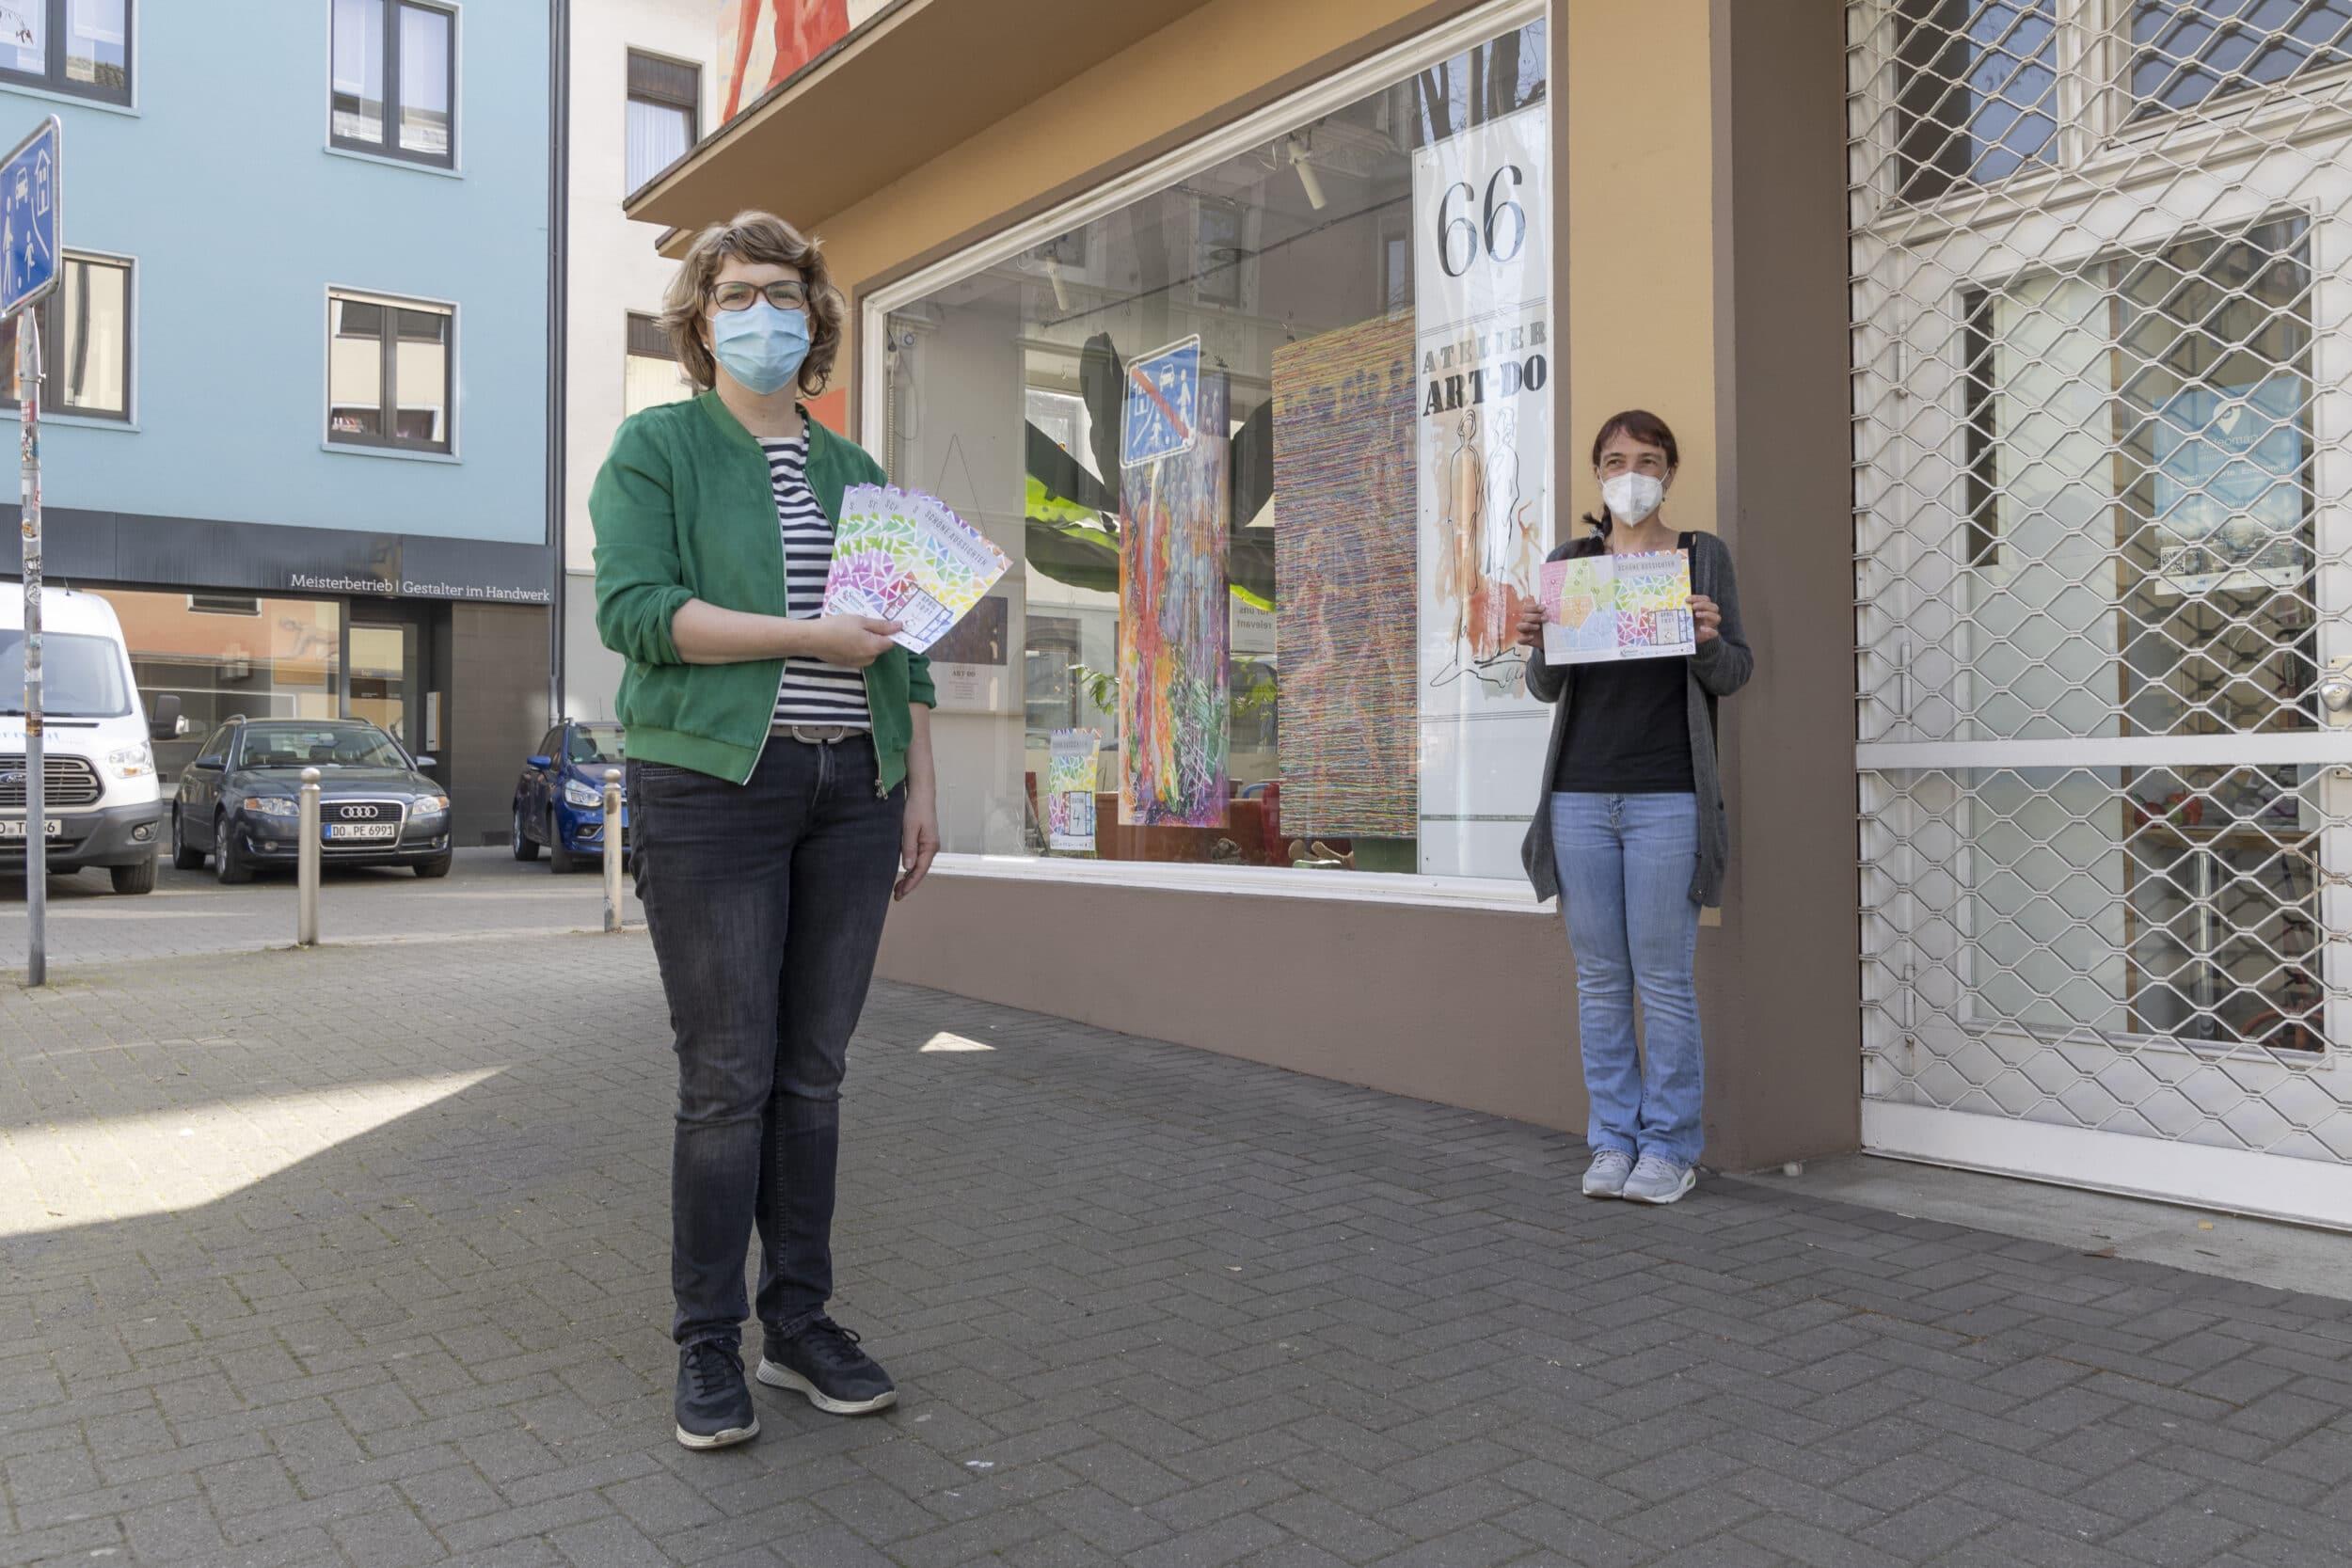 Birgit De Boer (Begegnung VorOrt) und Julia Banach (Seniorenbüro Innenstadt-West, v. l.) sind froh, den Dortmundern auch in der gegenwärtigen Zeit ein bisschen Kunstgenuss spendieren zu können. (Foto: Wir in Dortmund)